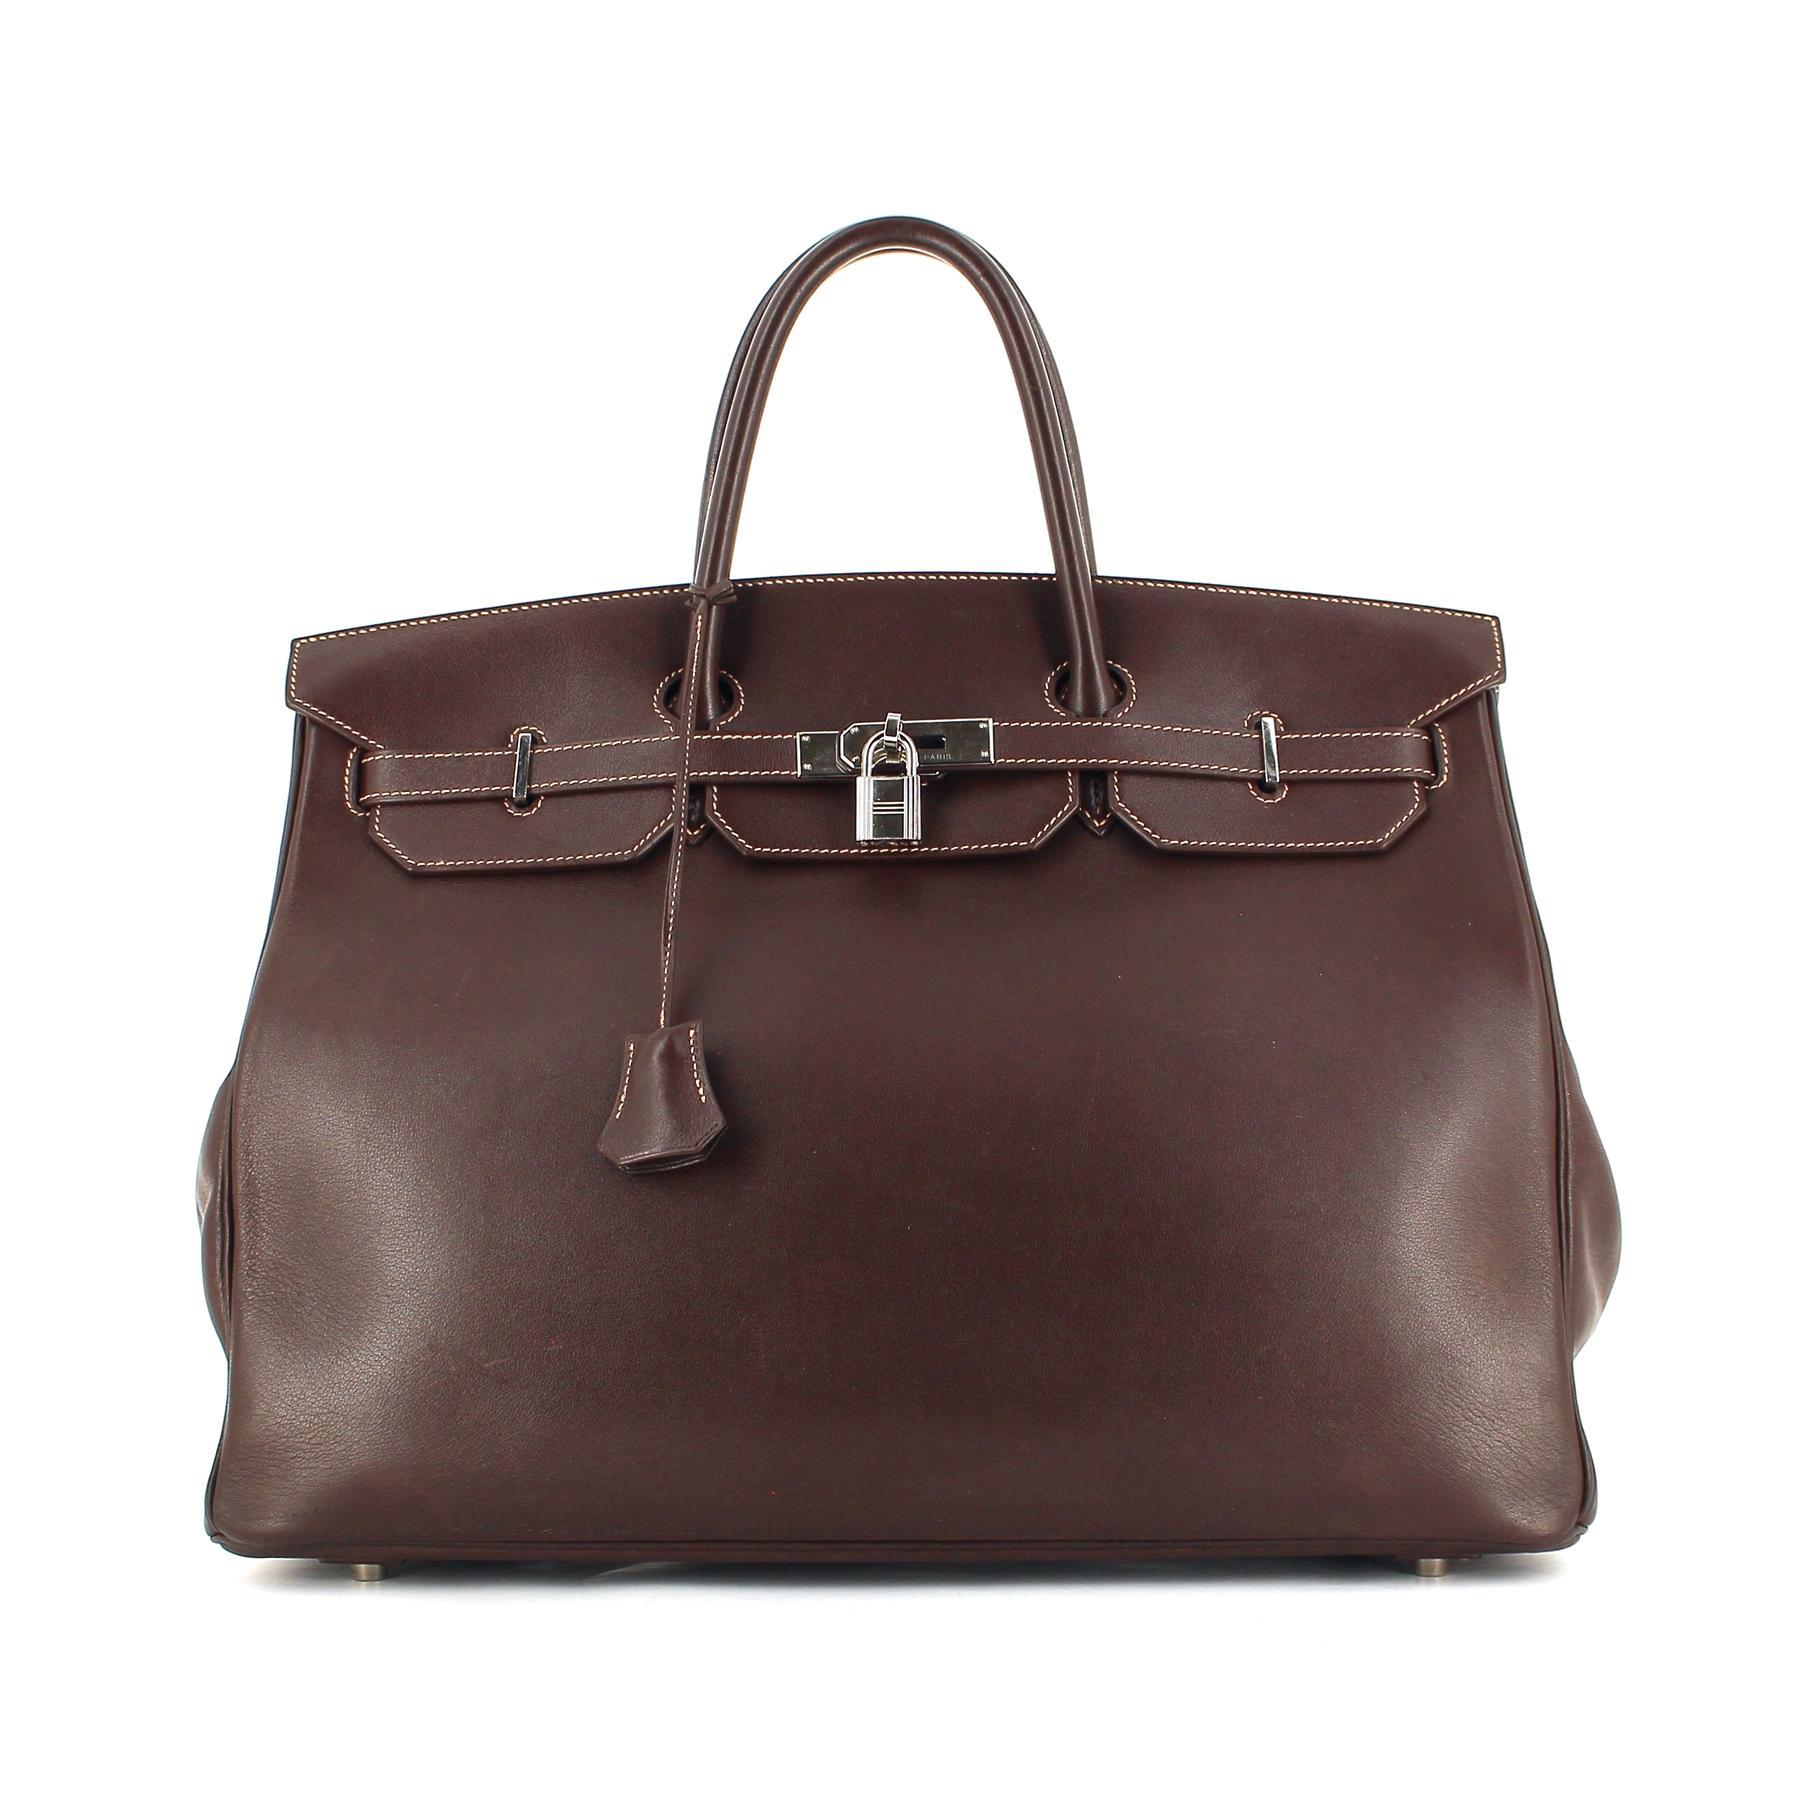 d55a6f736c31 ... éternel intemporel Un sac, un look   le Birkin d Hermès, éternel  intemporel ...